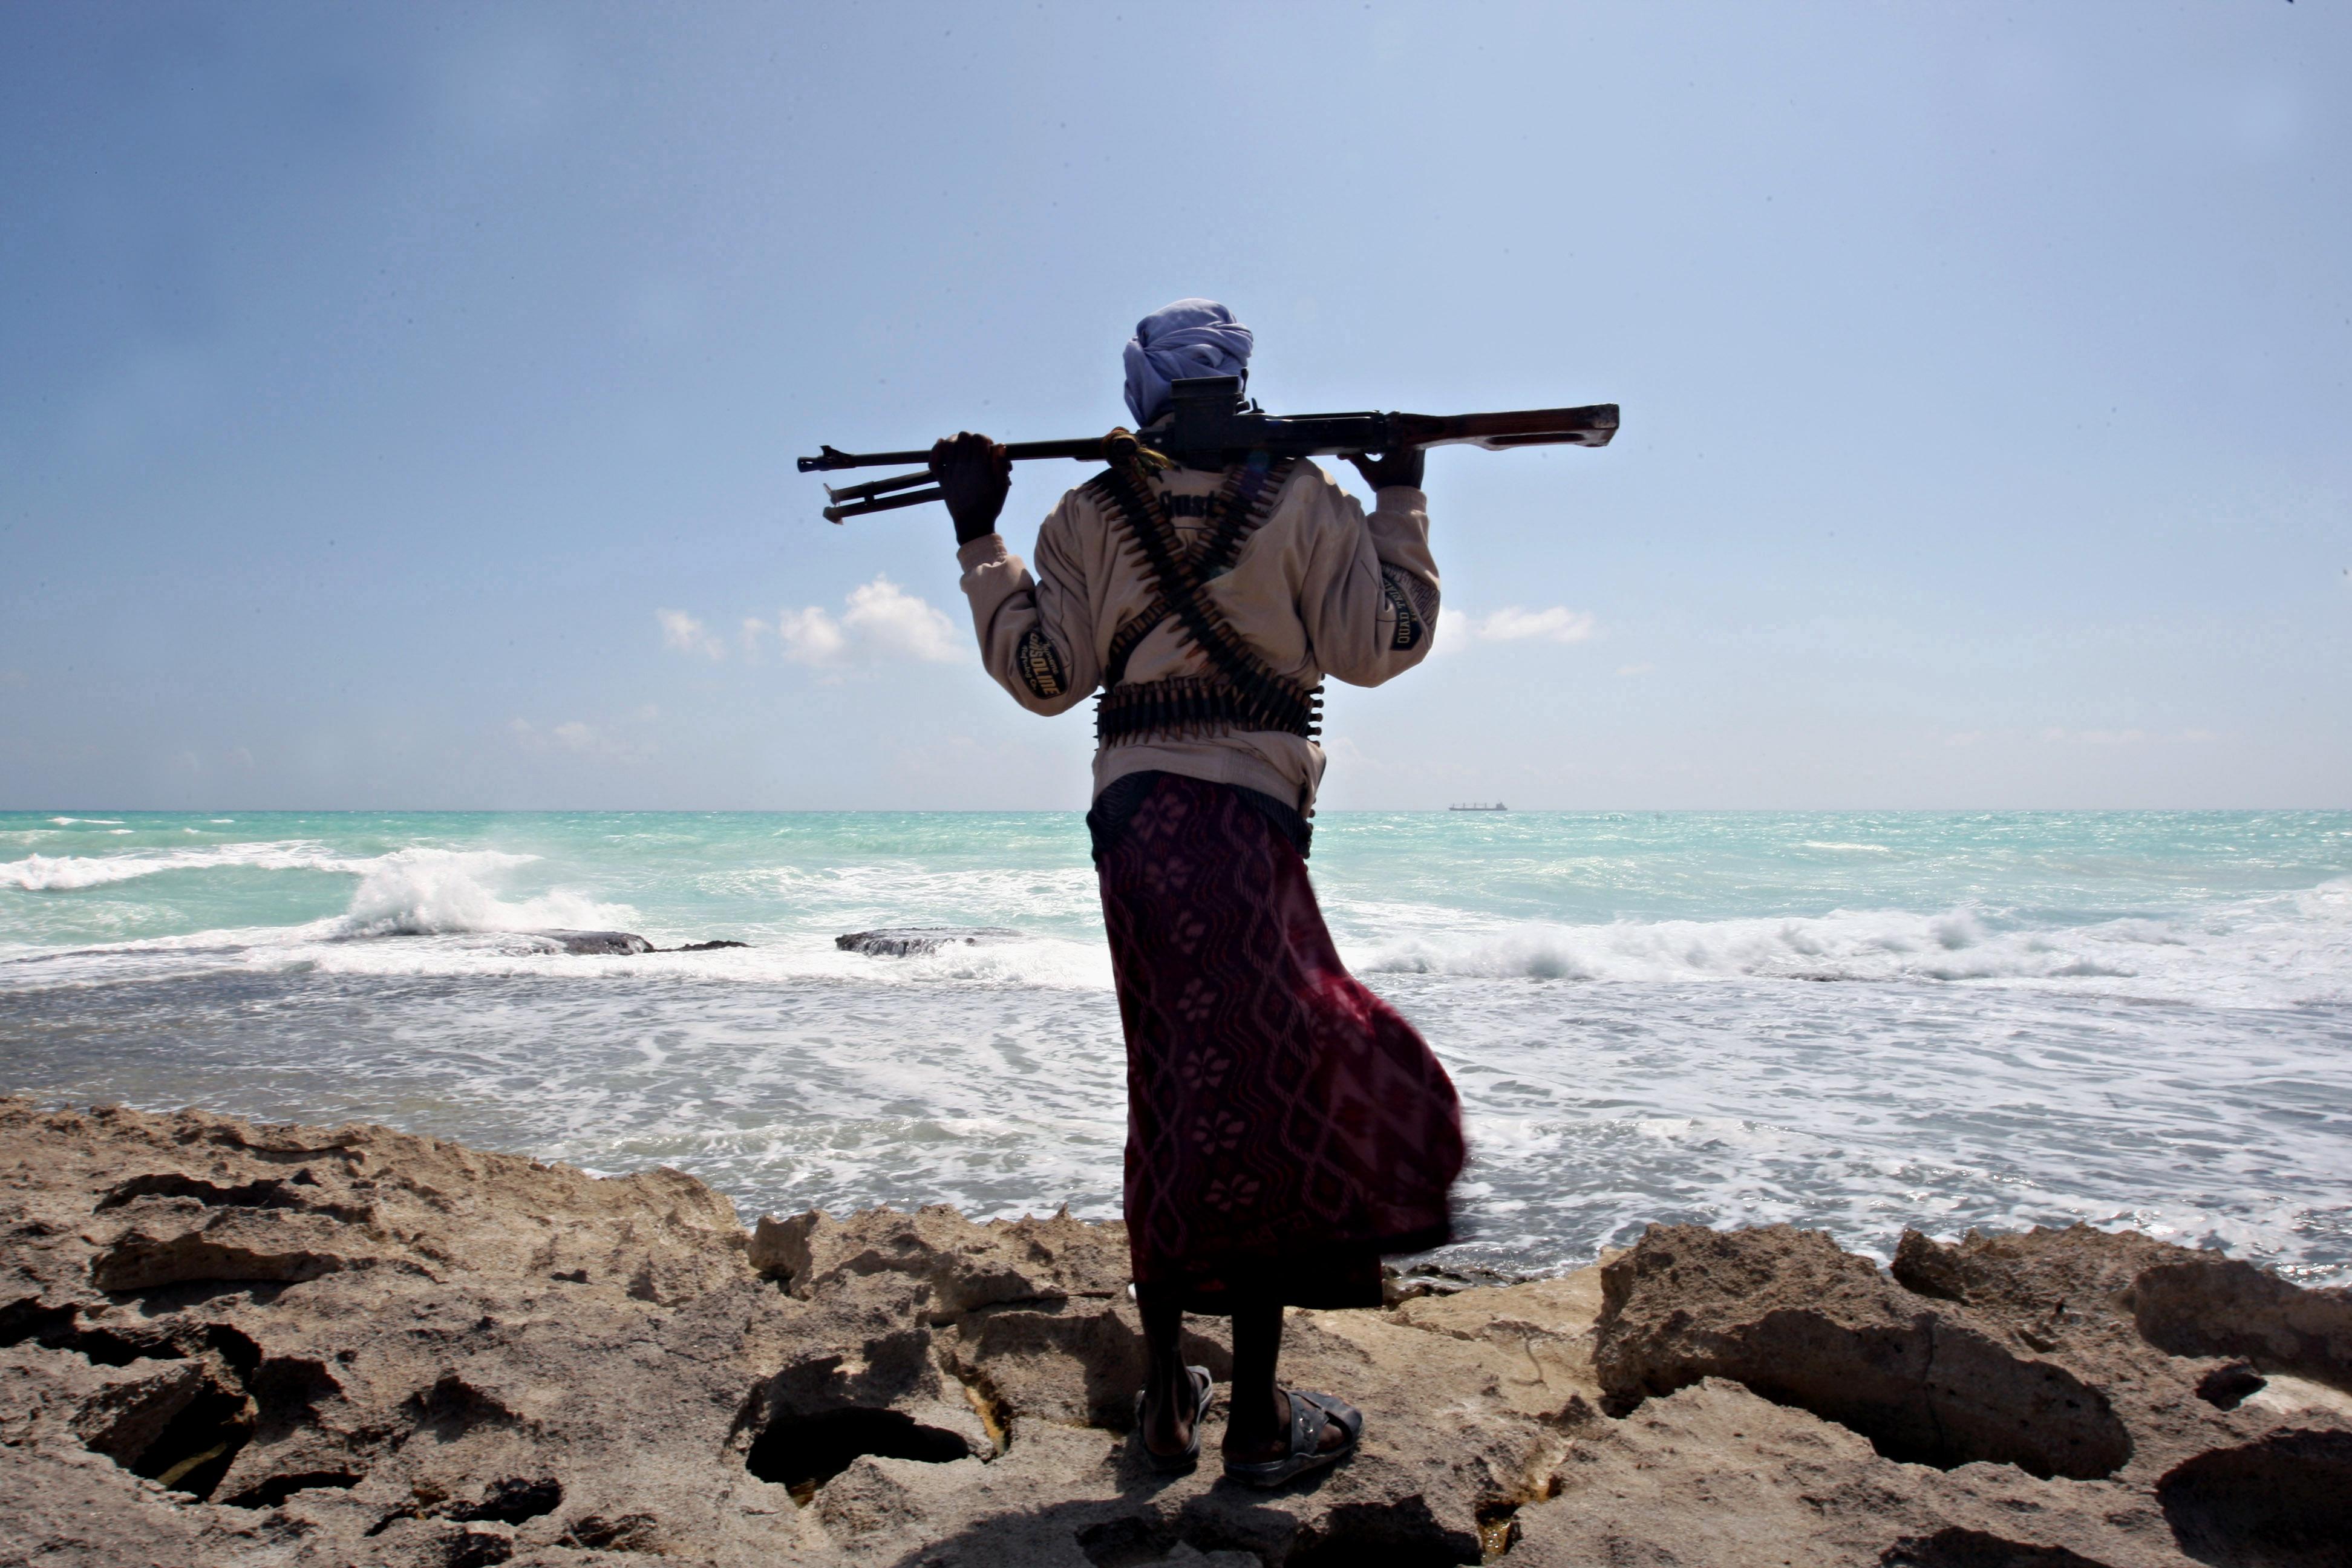 Kamerun partjainál csaptak le valószínűleg nigériai kalózok